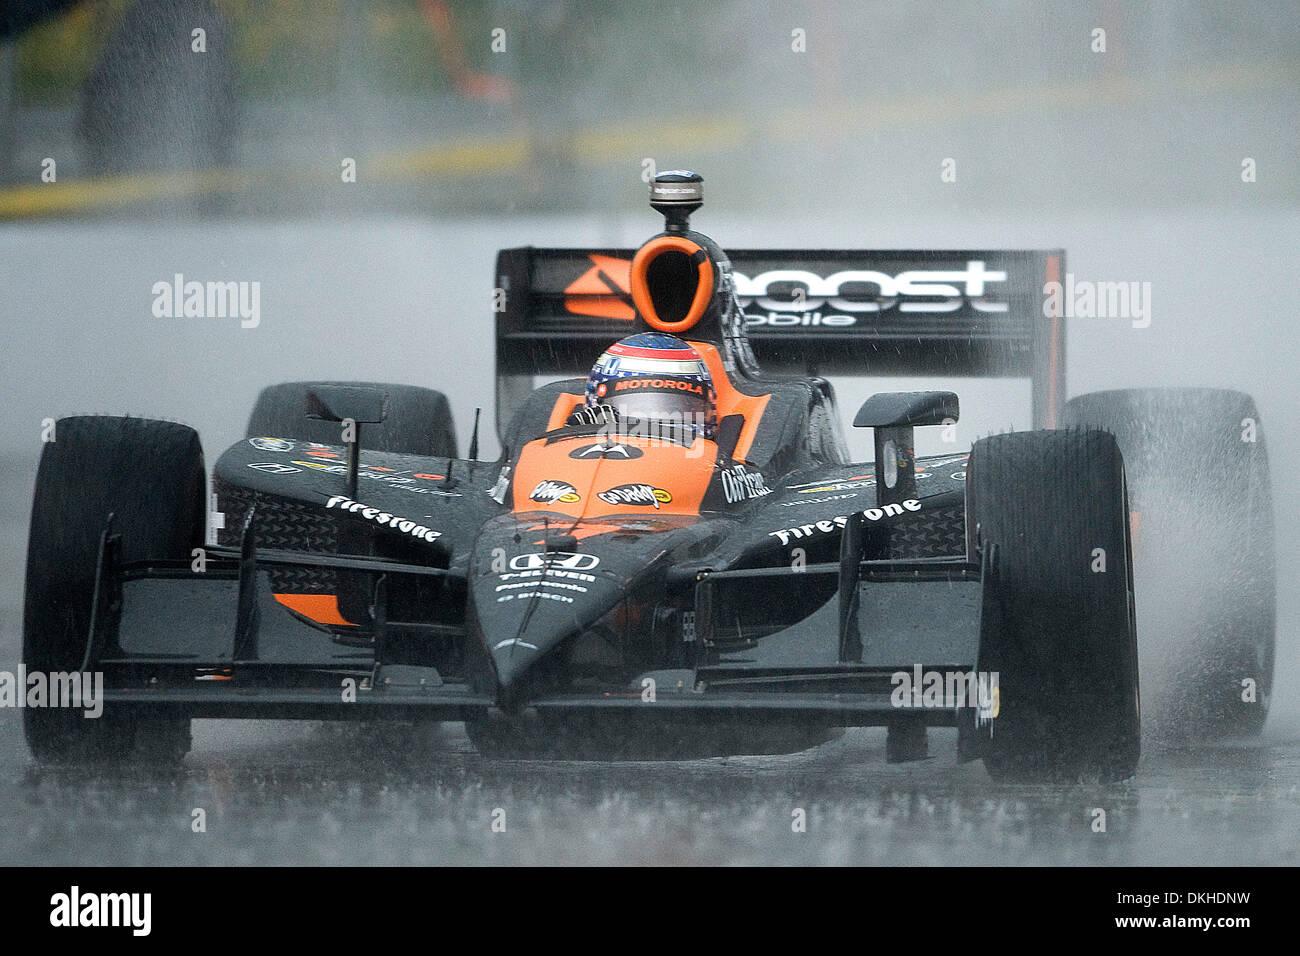 Racing In Car >> Danica Patrick Boost Mobile Motorola Andretti Green Racing In Car